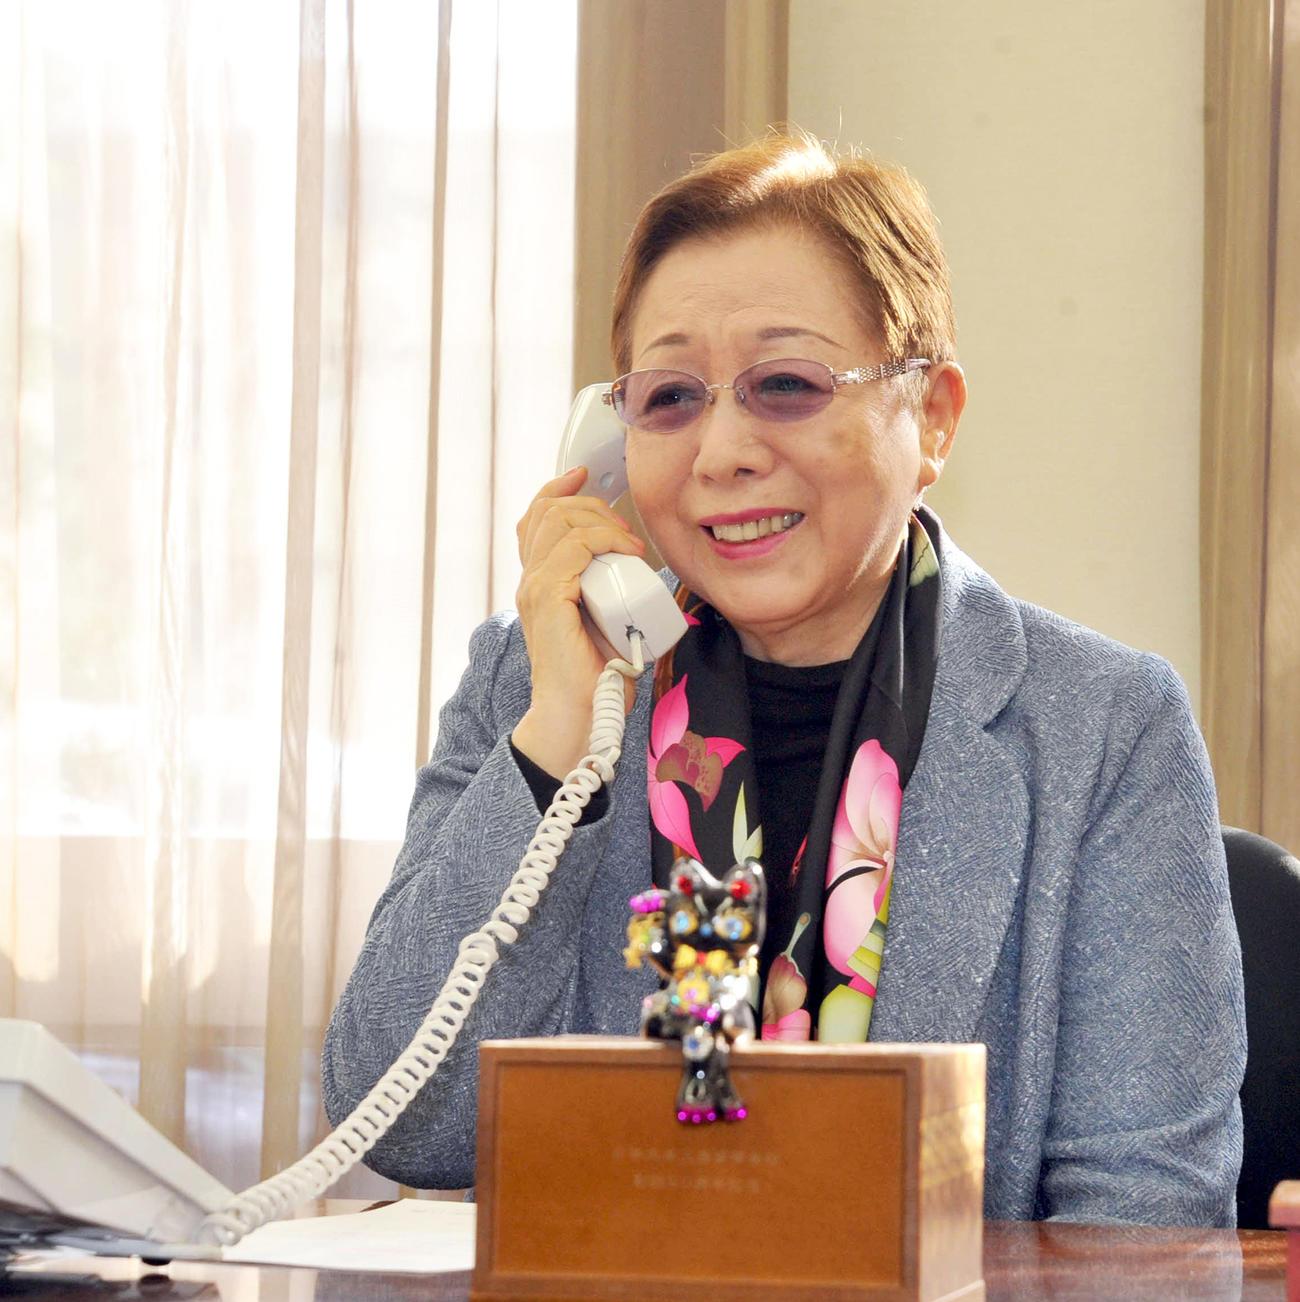 電話で選出の報告を受ける加藤学園の加藤校長(撮影・河合萌彦)